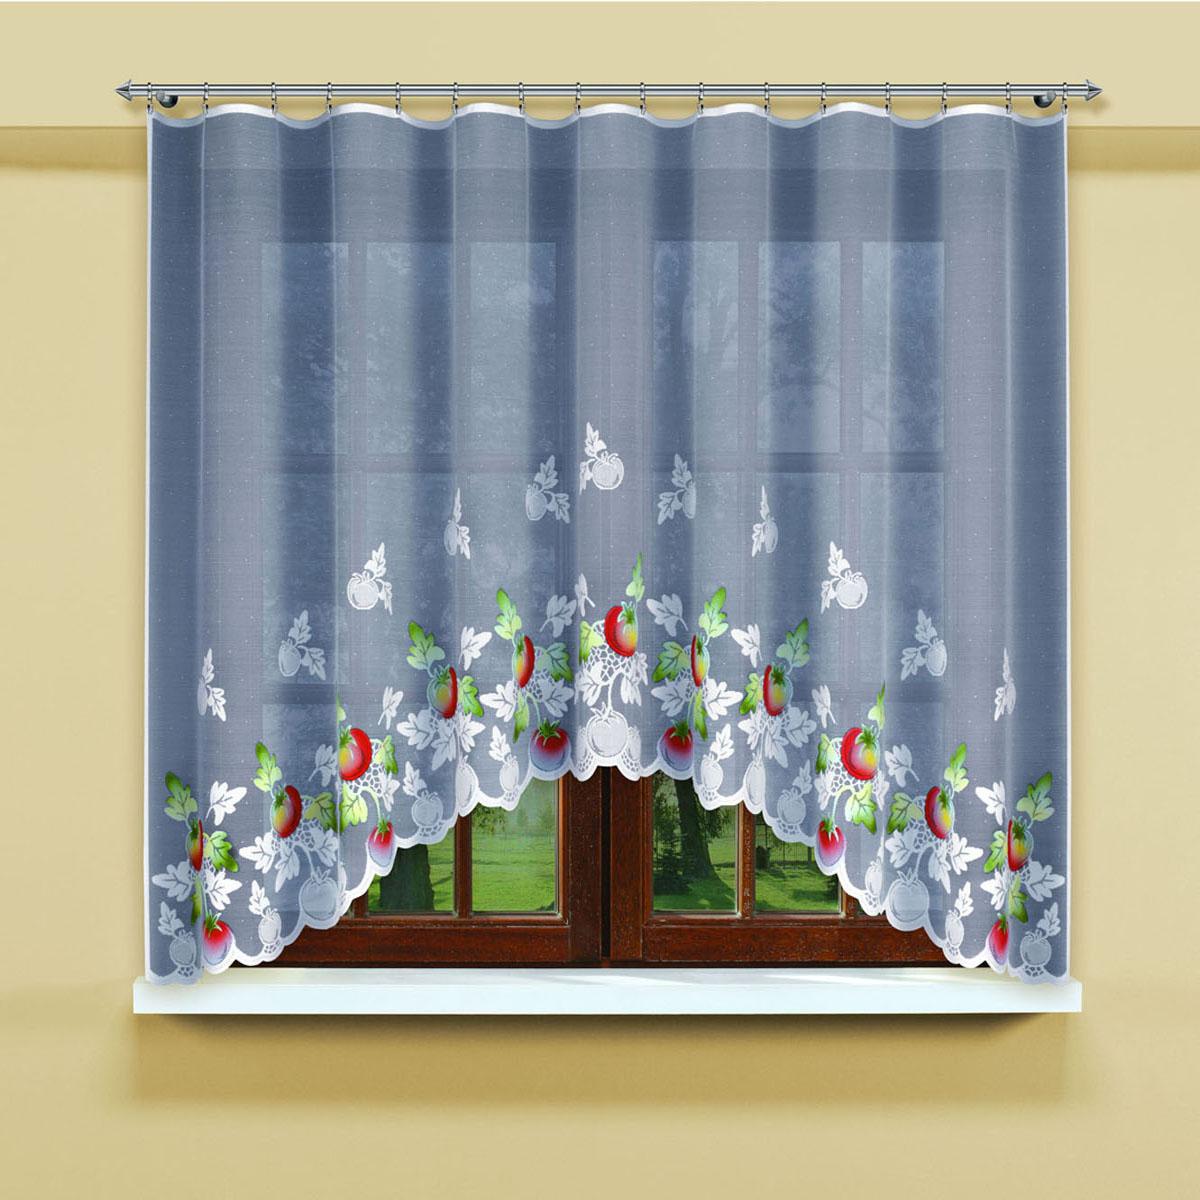 Гардина Haft, цвет: белый, ширина 300 см, высота 160 см. 202690/160202690/160Белая гардина из жаккардовой ткани с крашенным рисунком помидорок Размеры: высота 160см*ширина 300см